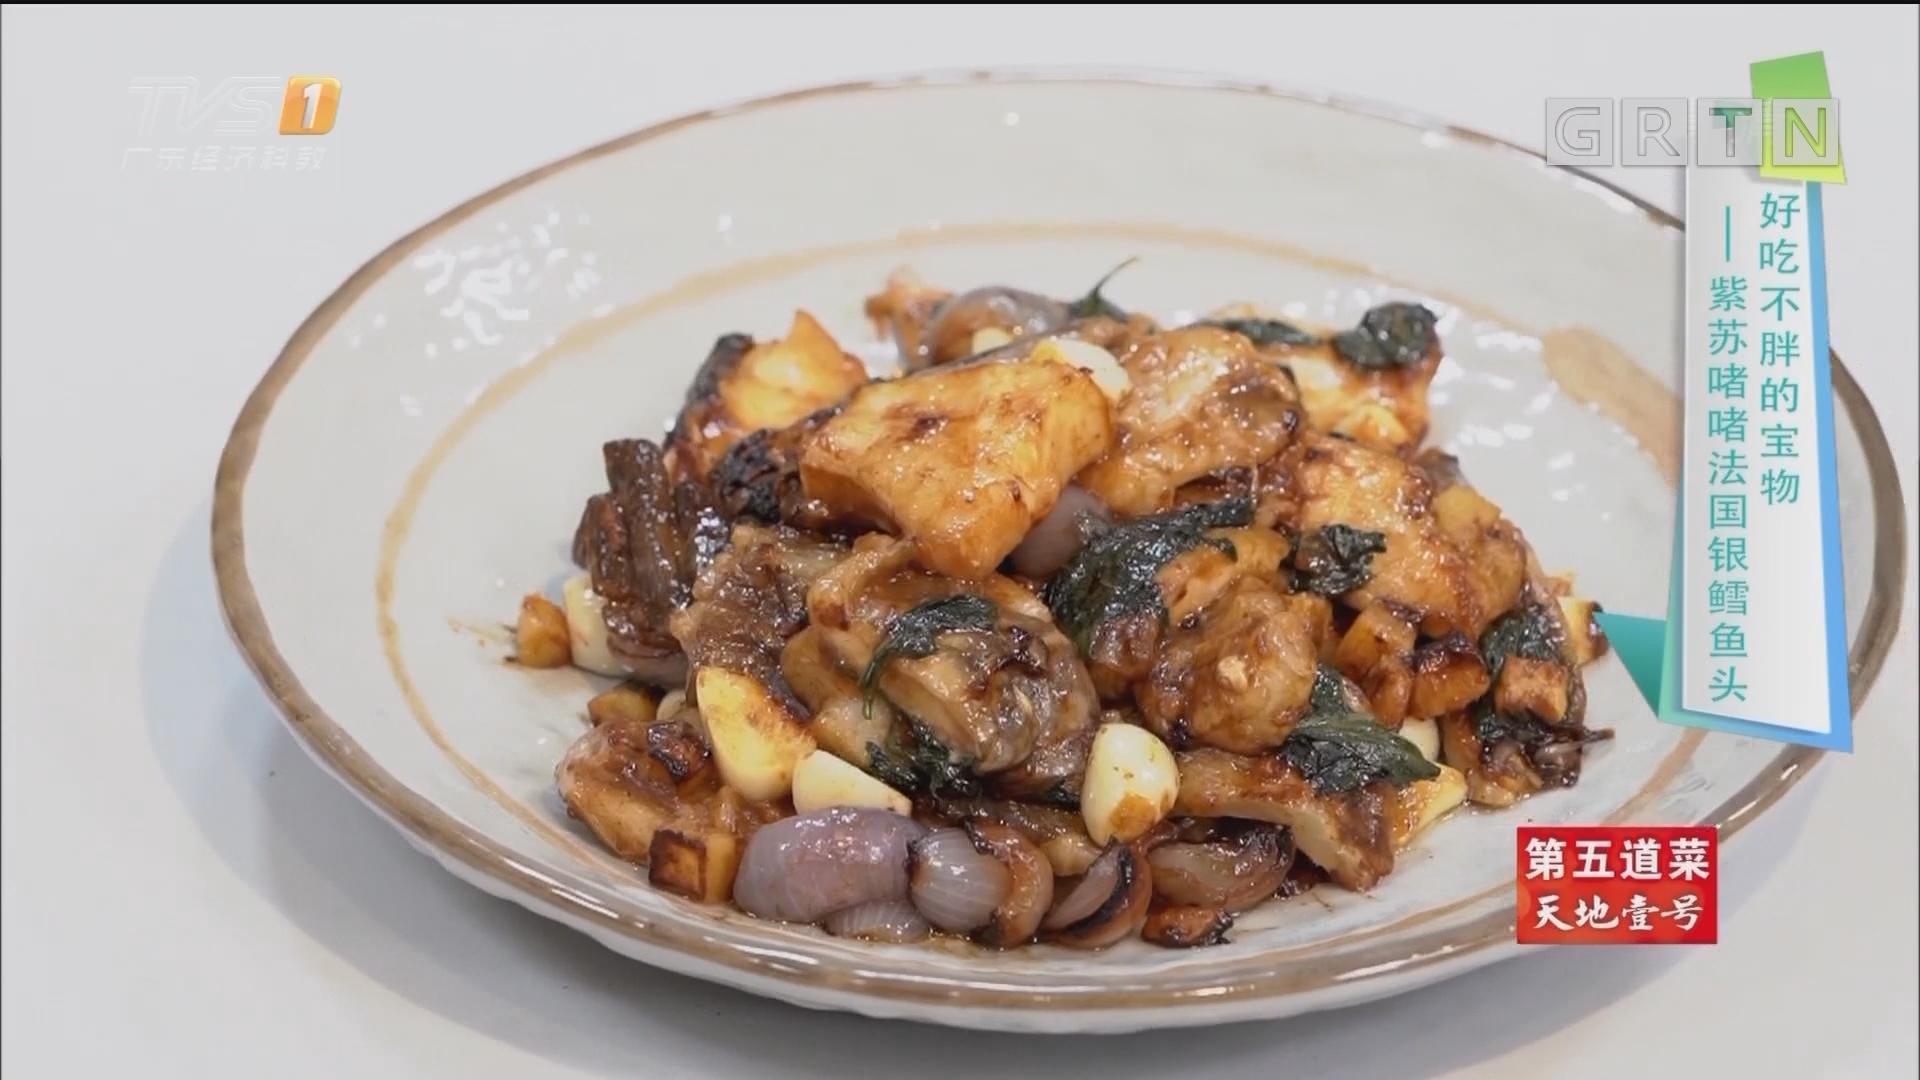 好吃不胖的宝物——紫苏啫喱法国银鳕鱼头